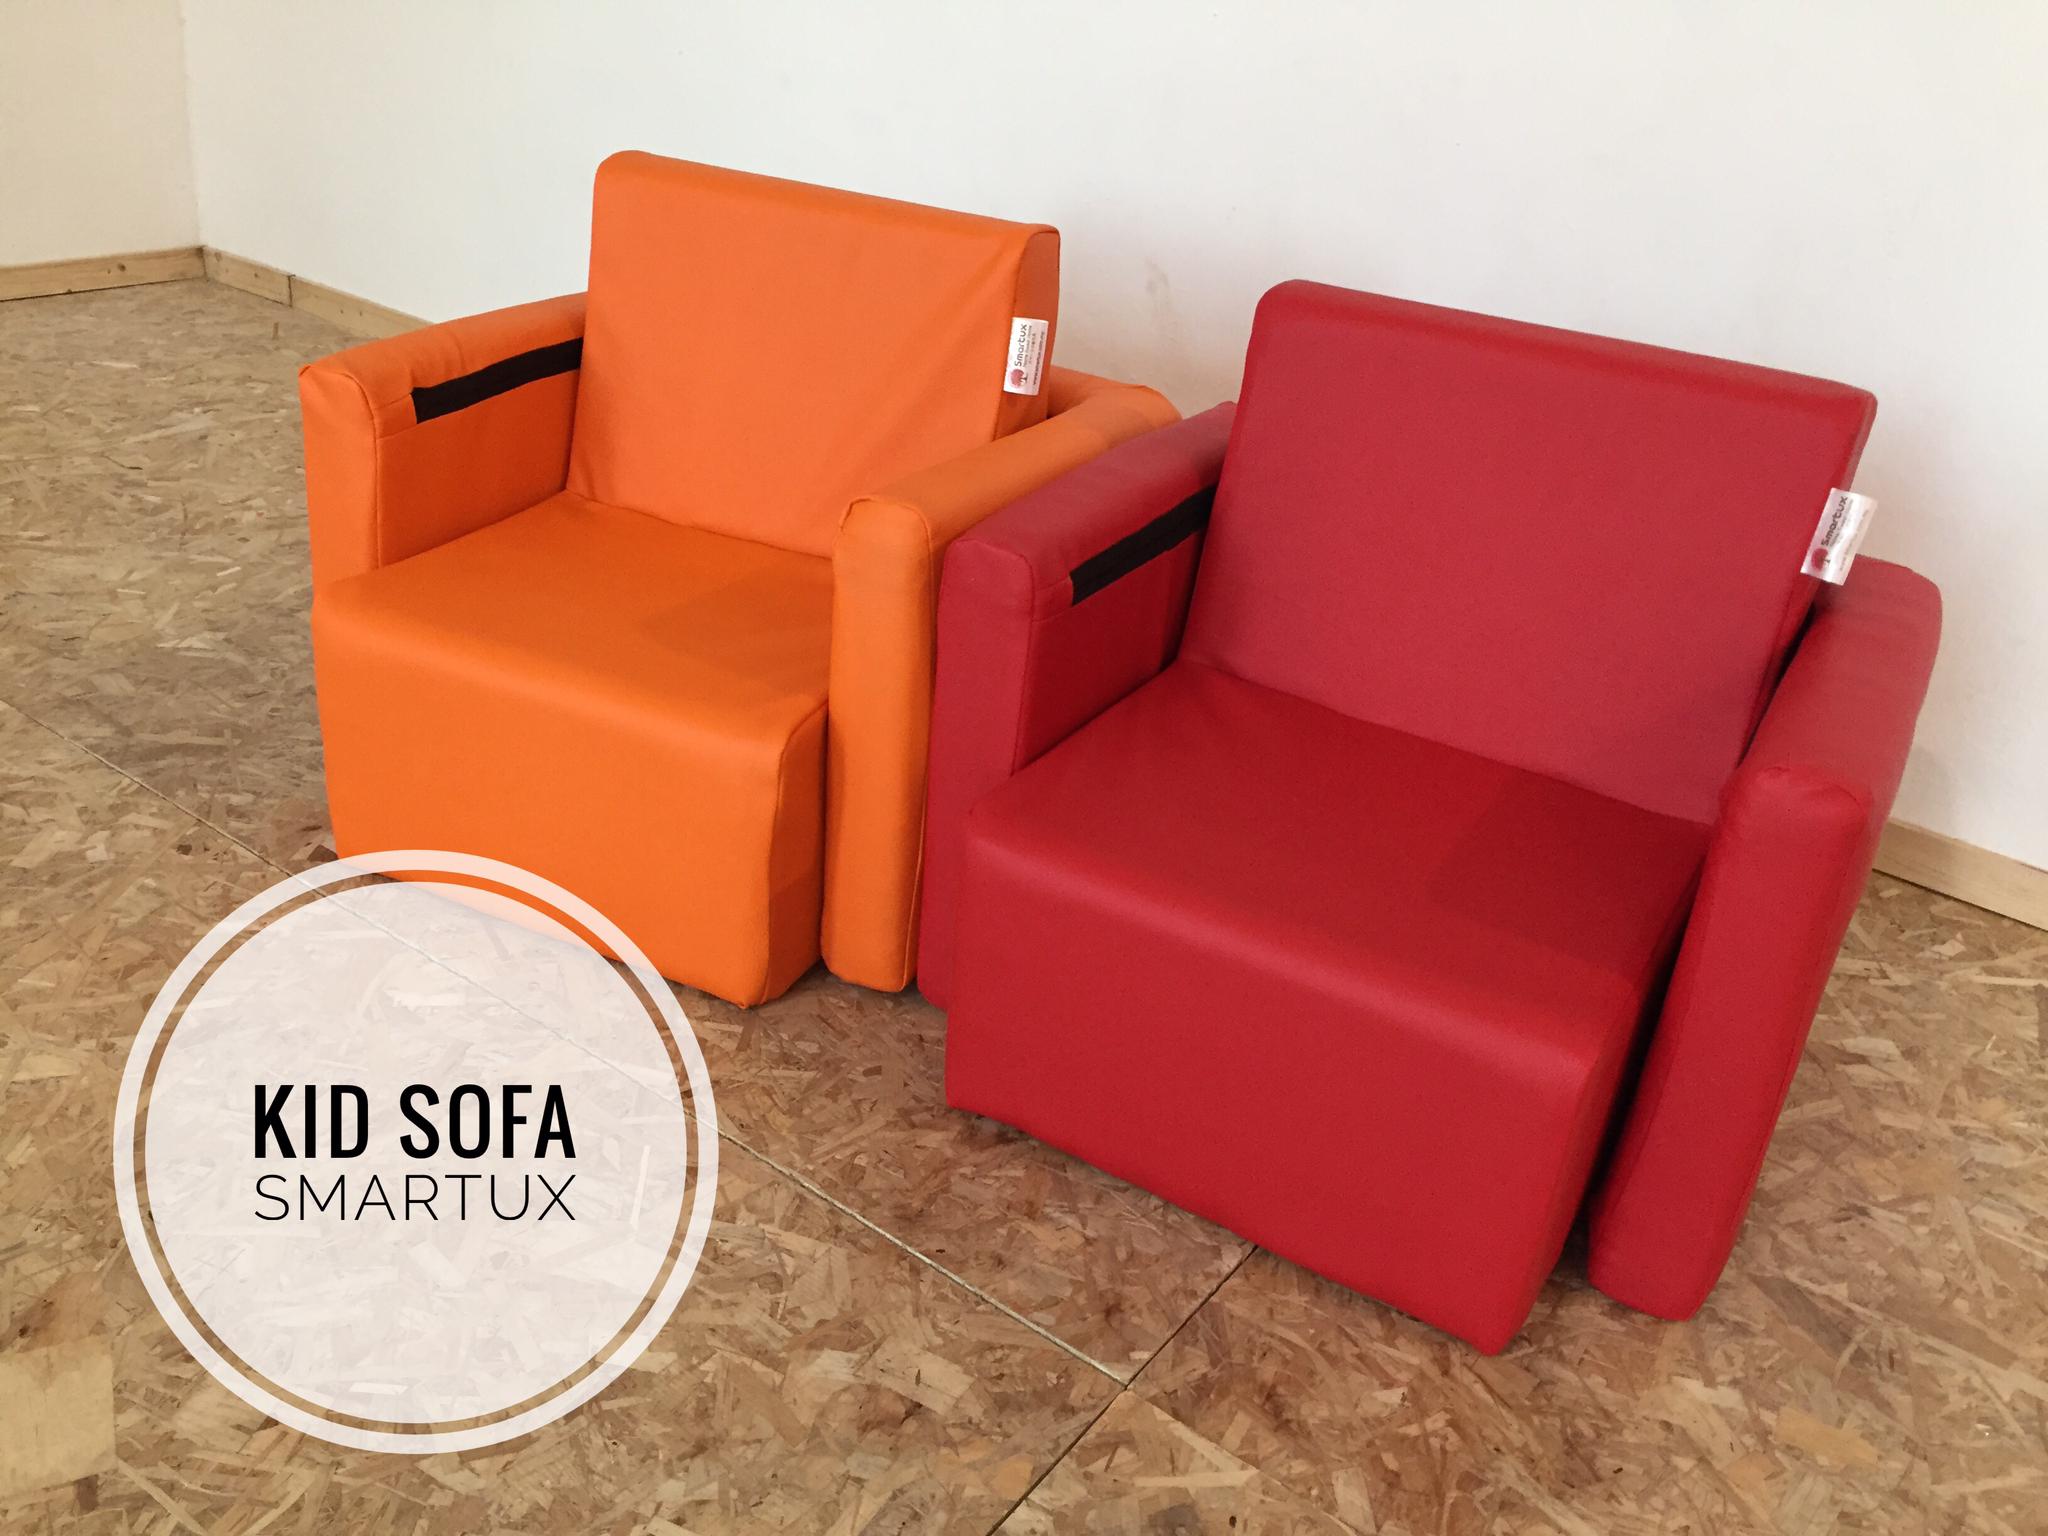 Smartux Furniture Futon Foldable Sofa